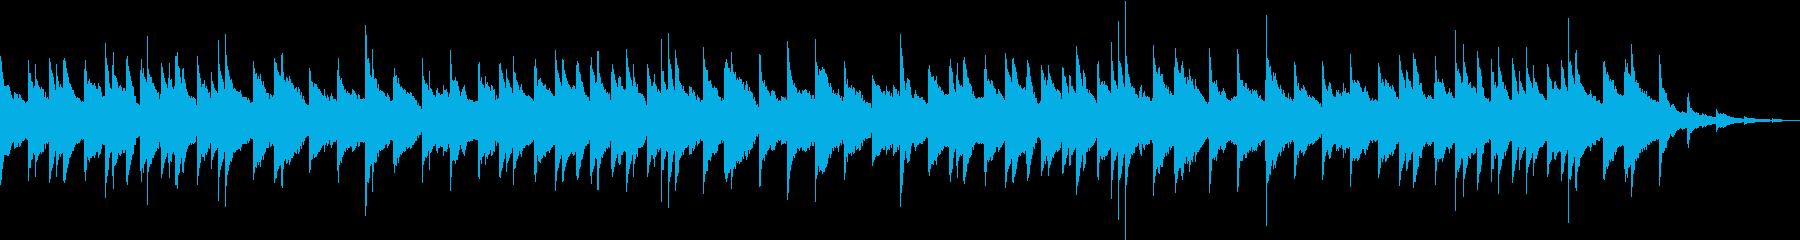 ほのぼのしたCM等にの再生済みの波形